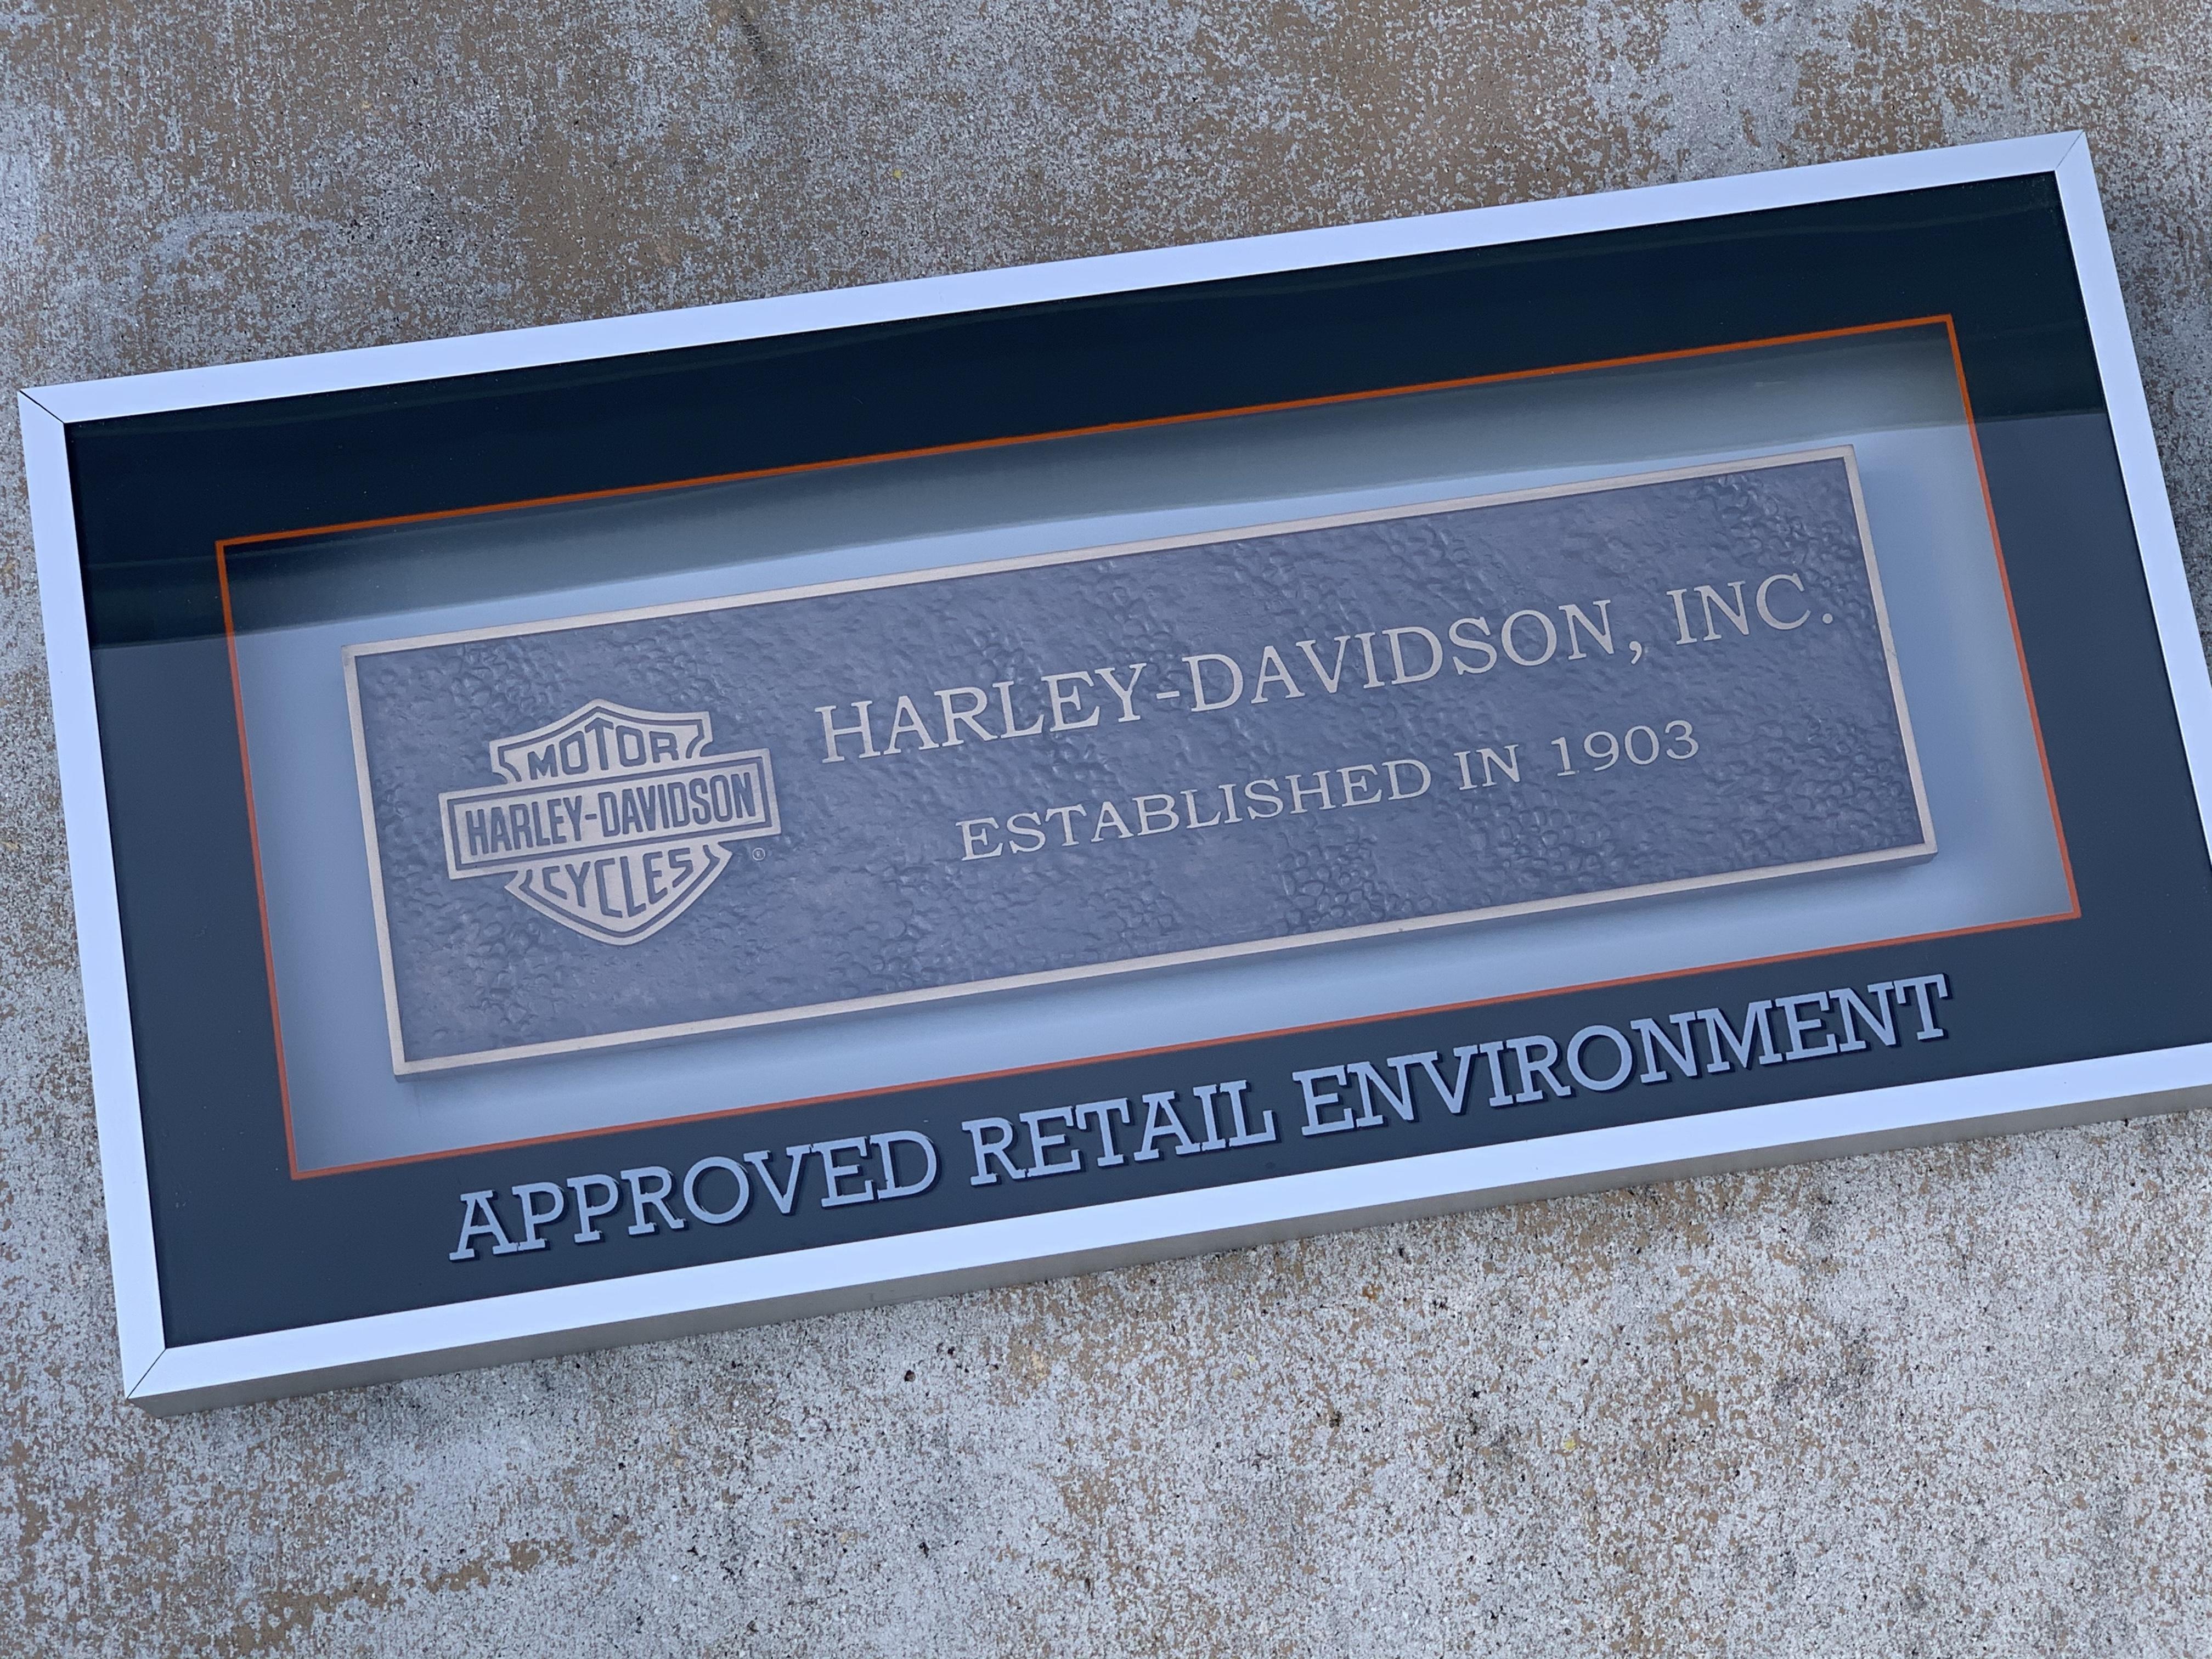 Harley-Davidson Dealer Bonze plaque